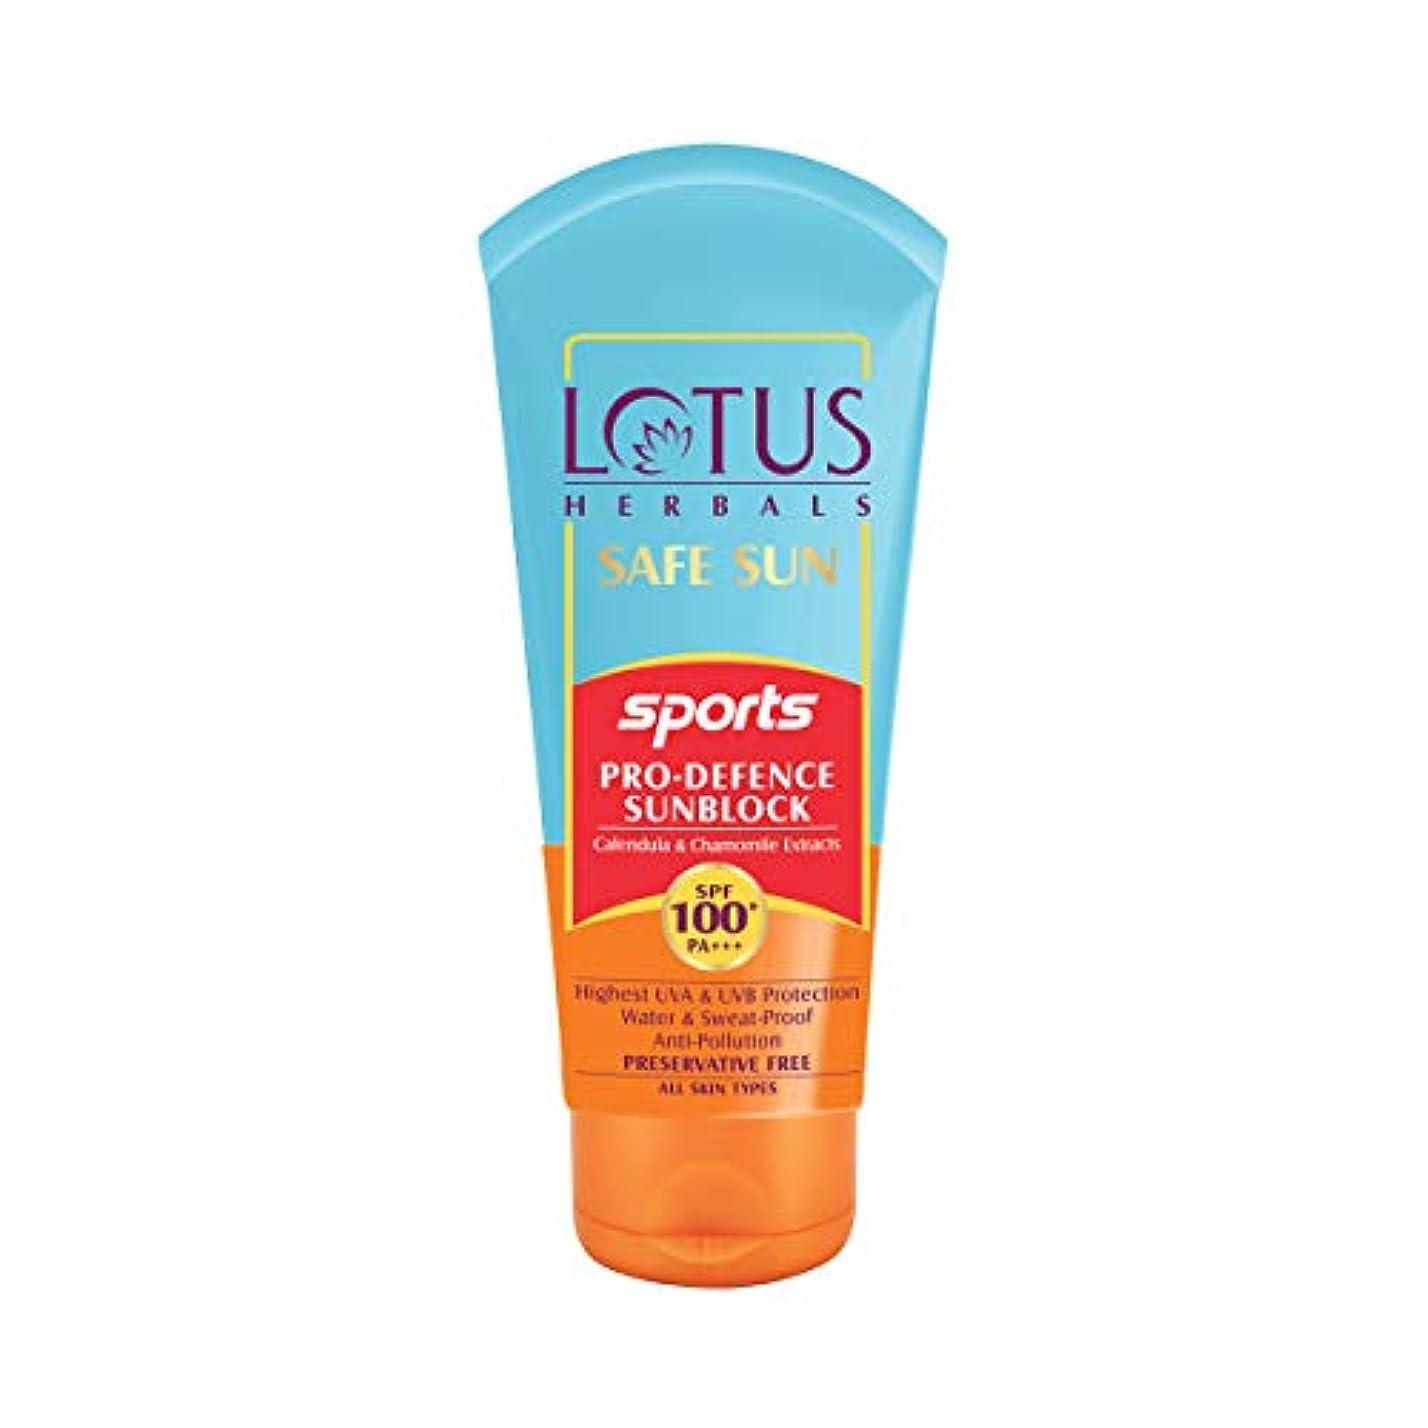 以来分析的な繁栄するLotus Herbals Safe Sun Sports Pro-Defence Sunblock Spf 100+ Pa+++, 80 g (Calendula and chamomile extracts)